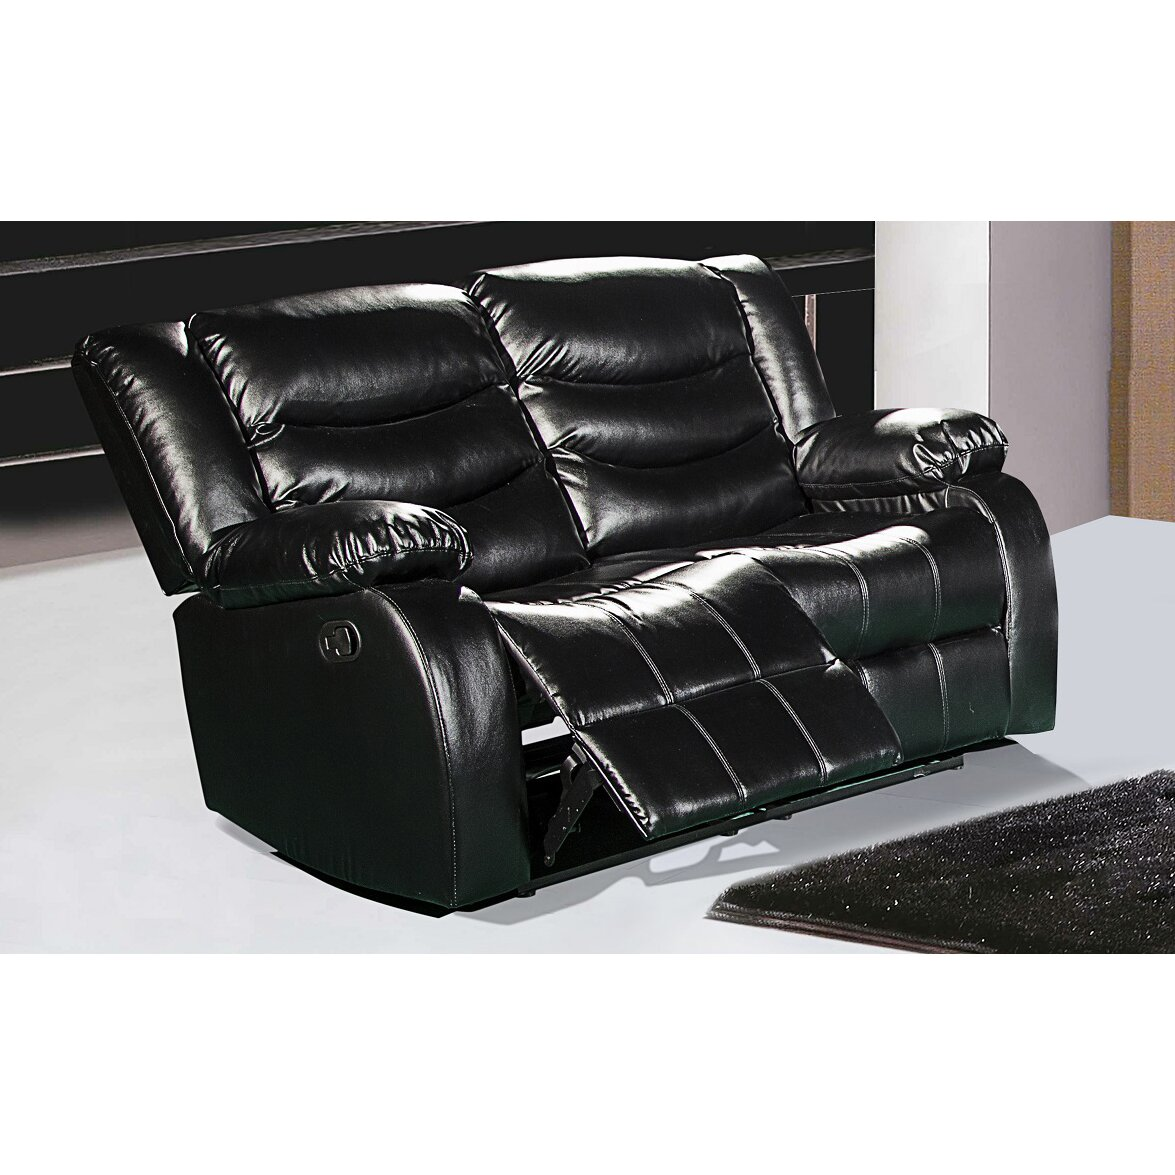 Meridian furniture usa sectional reviews wayfair for J furniture usa reviews